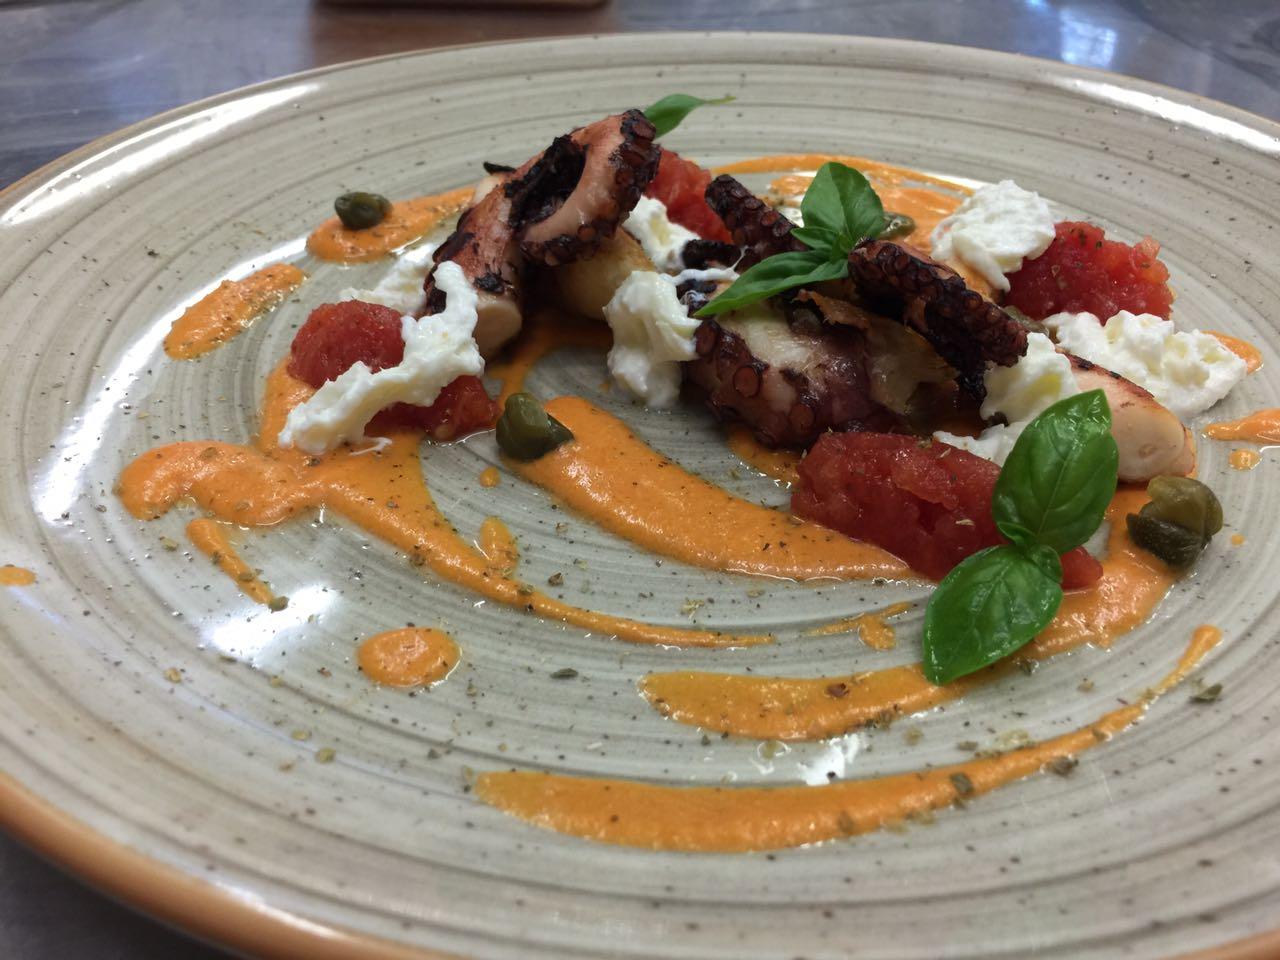 Piatto di carne guarnito con basilico, pomodoro e salsa rossa